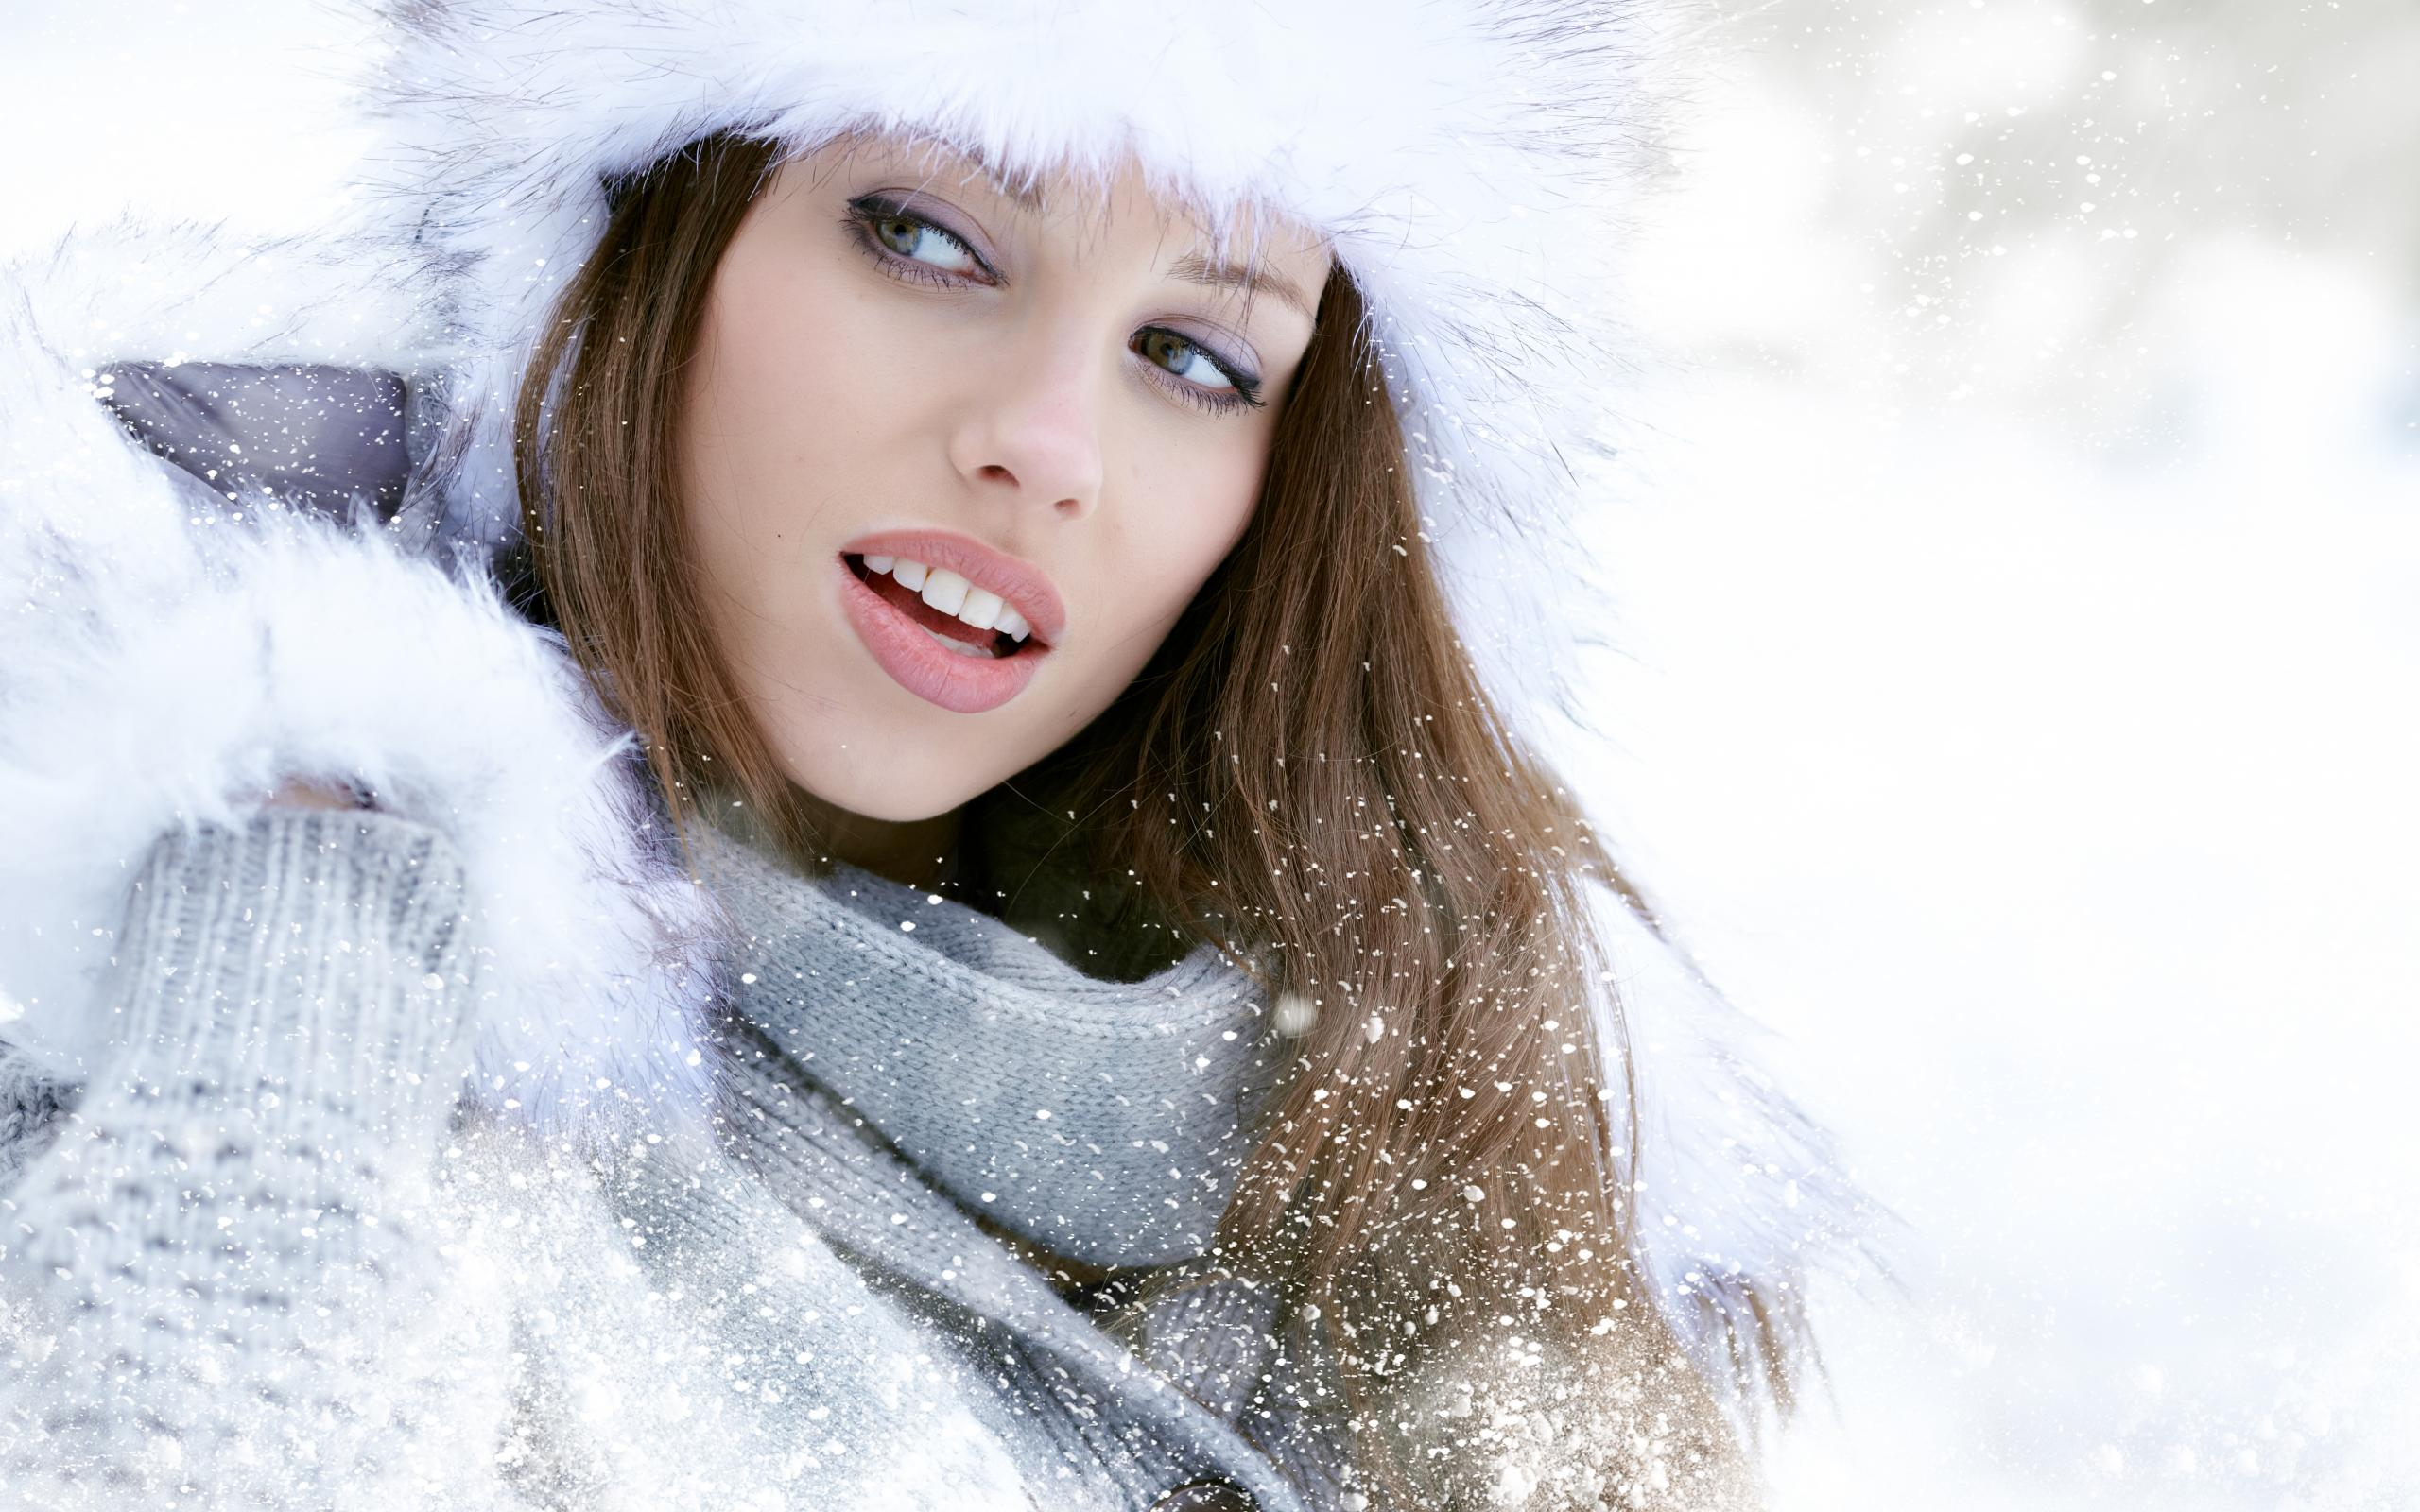 Картинки женщины зимой, надписи картинках про